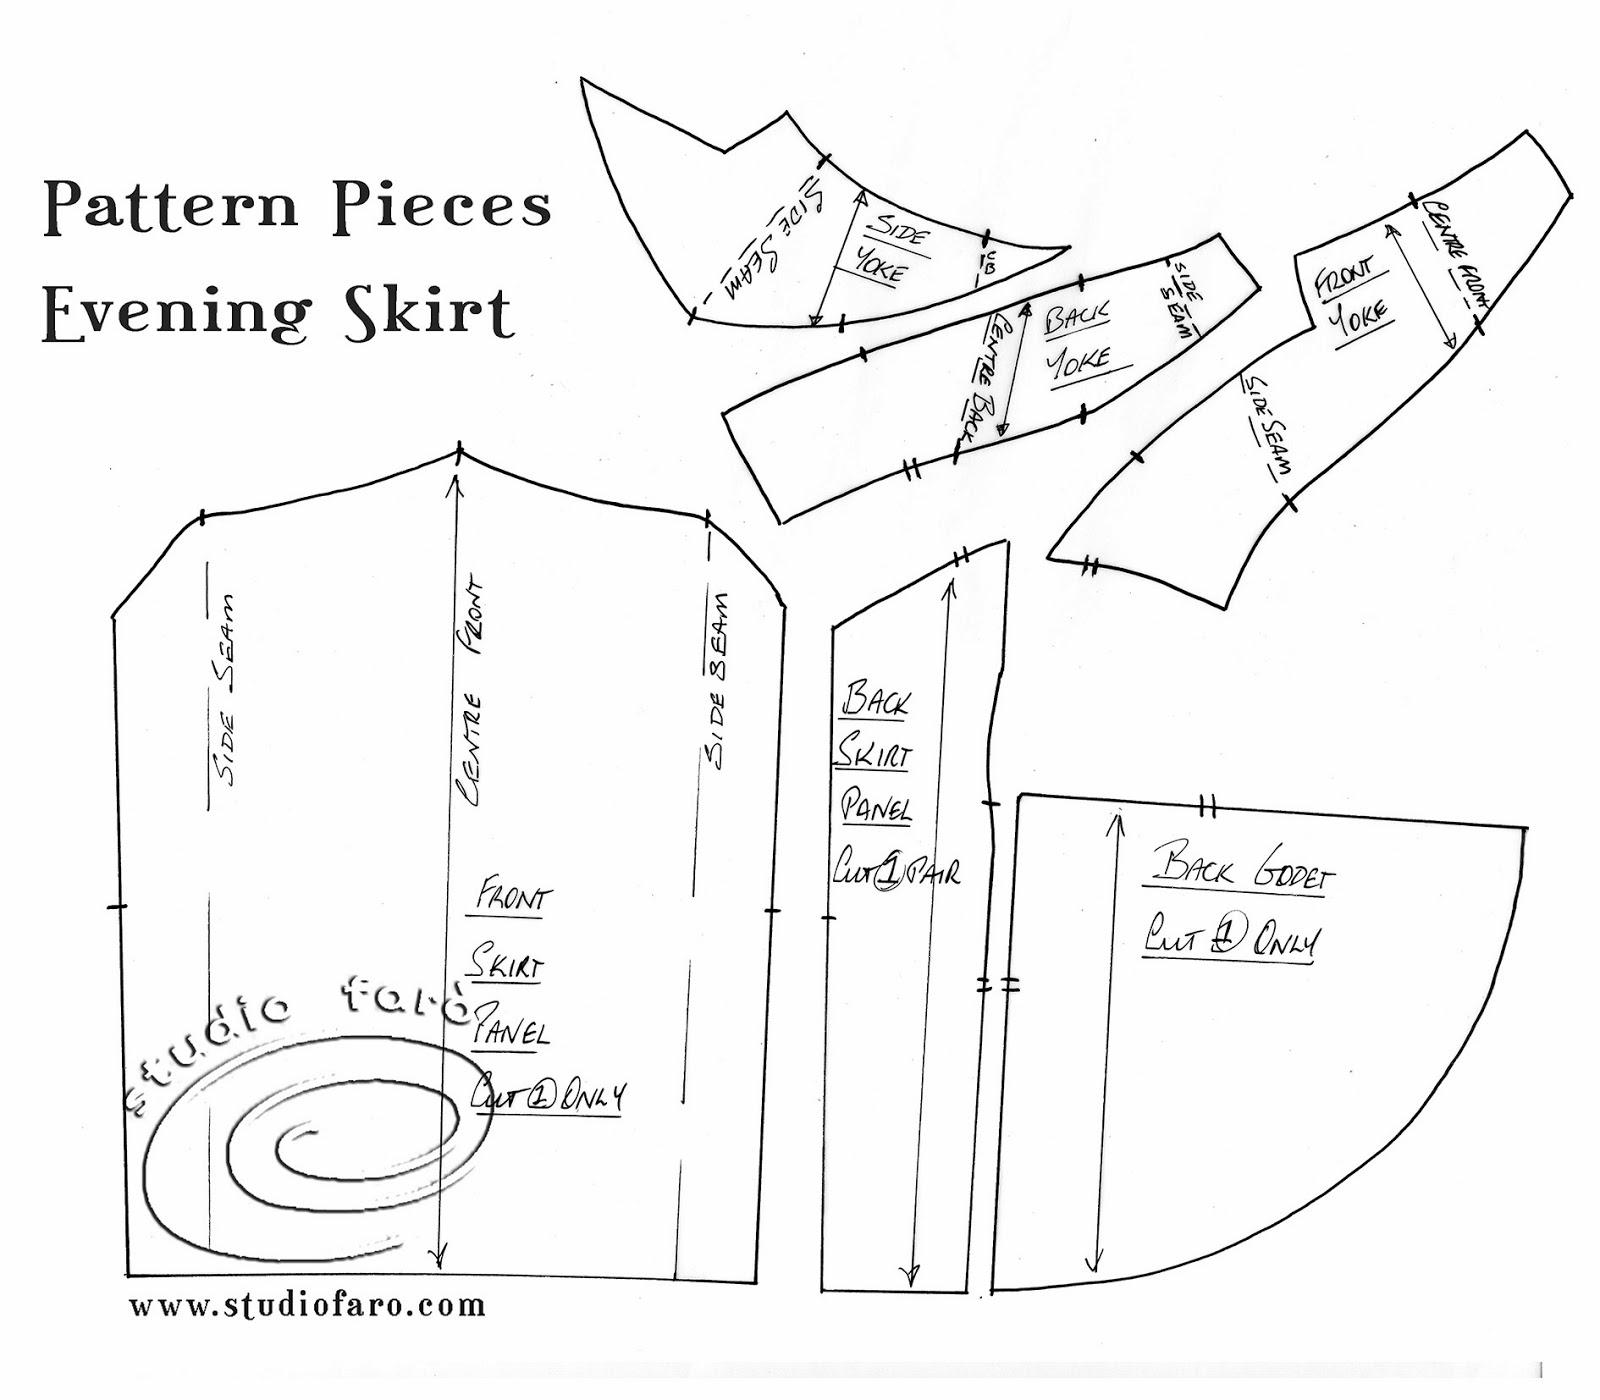 выкройку юбки с заниженной талией на поясе кокетке